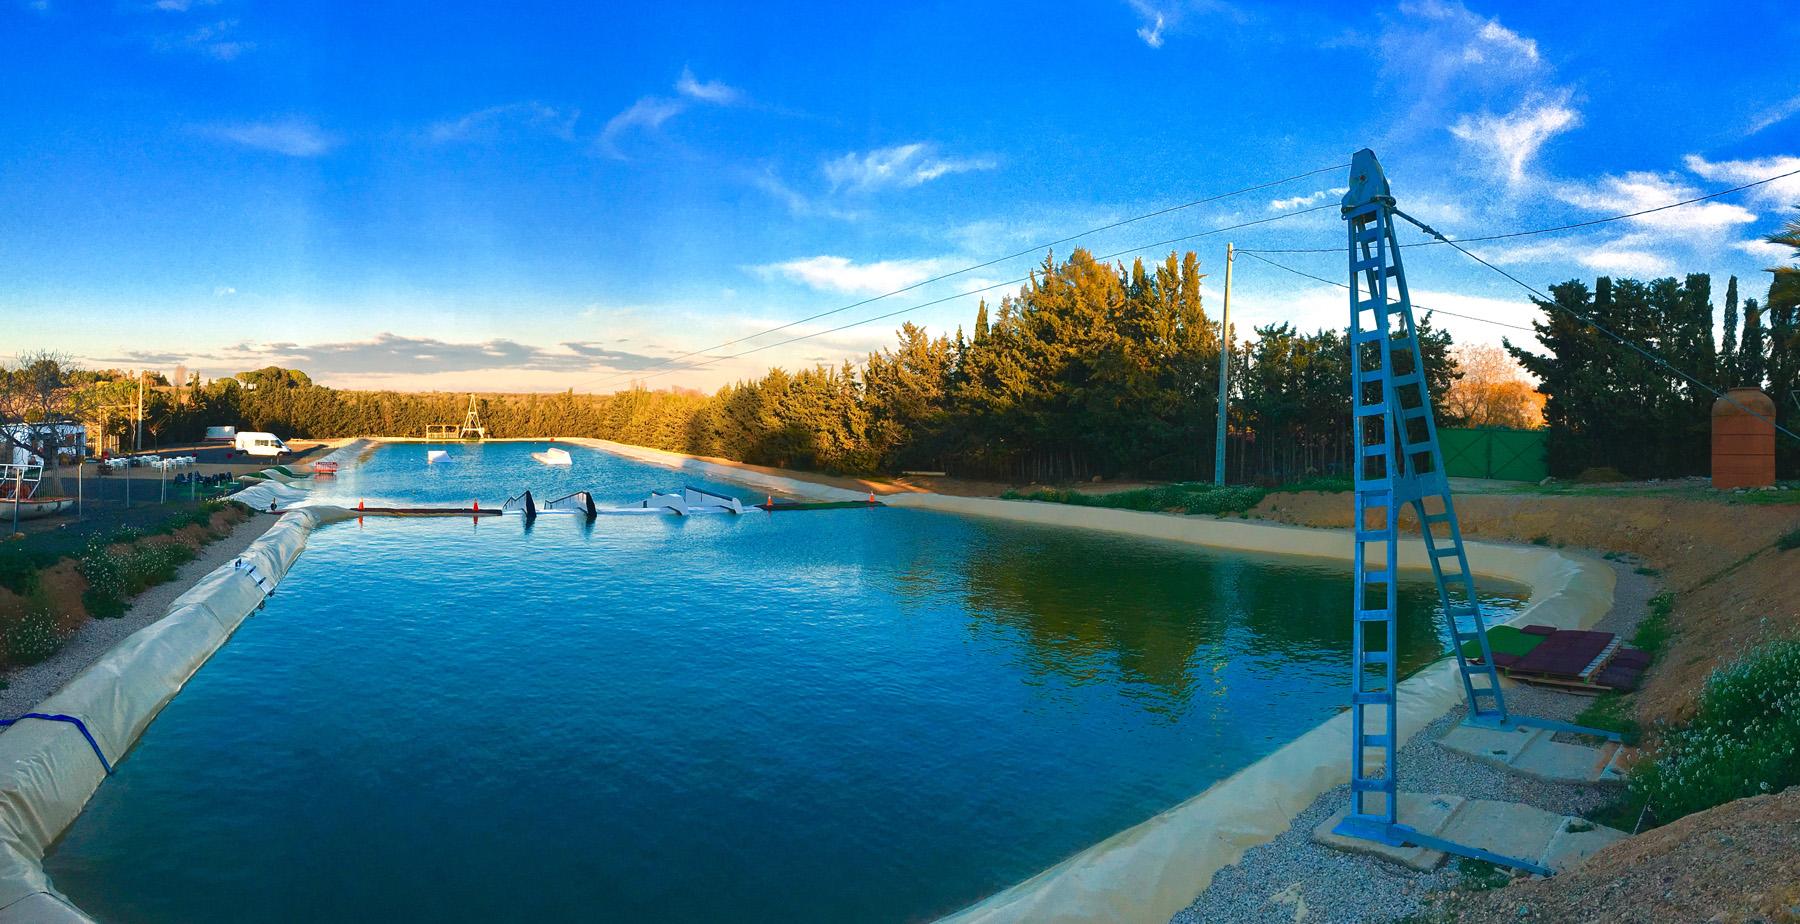 Rancho Cable Wake Park